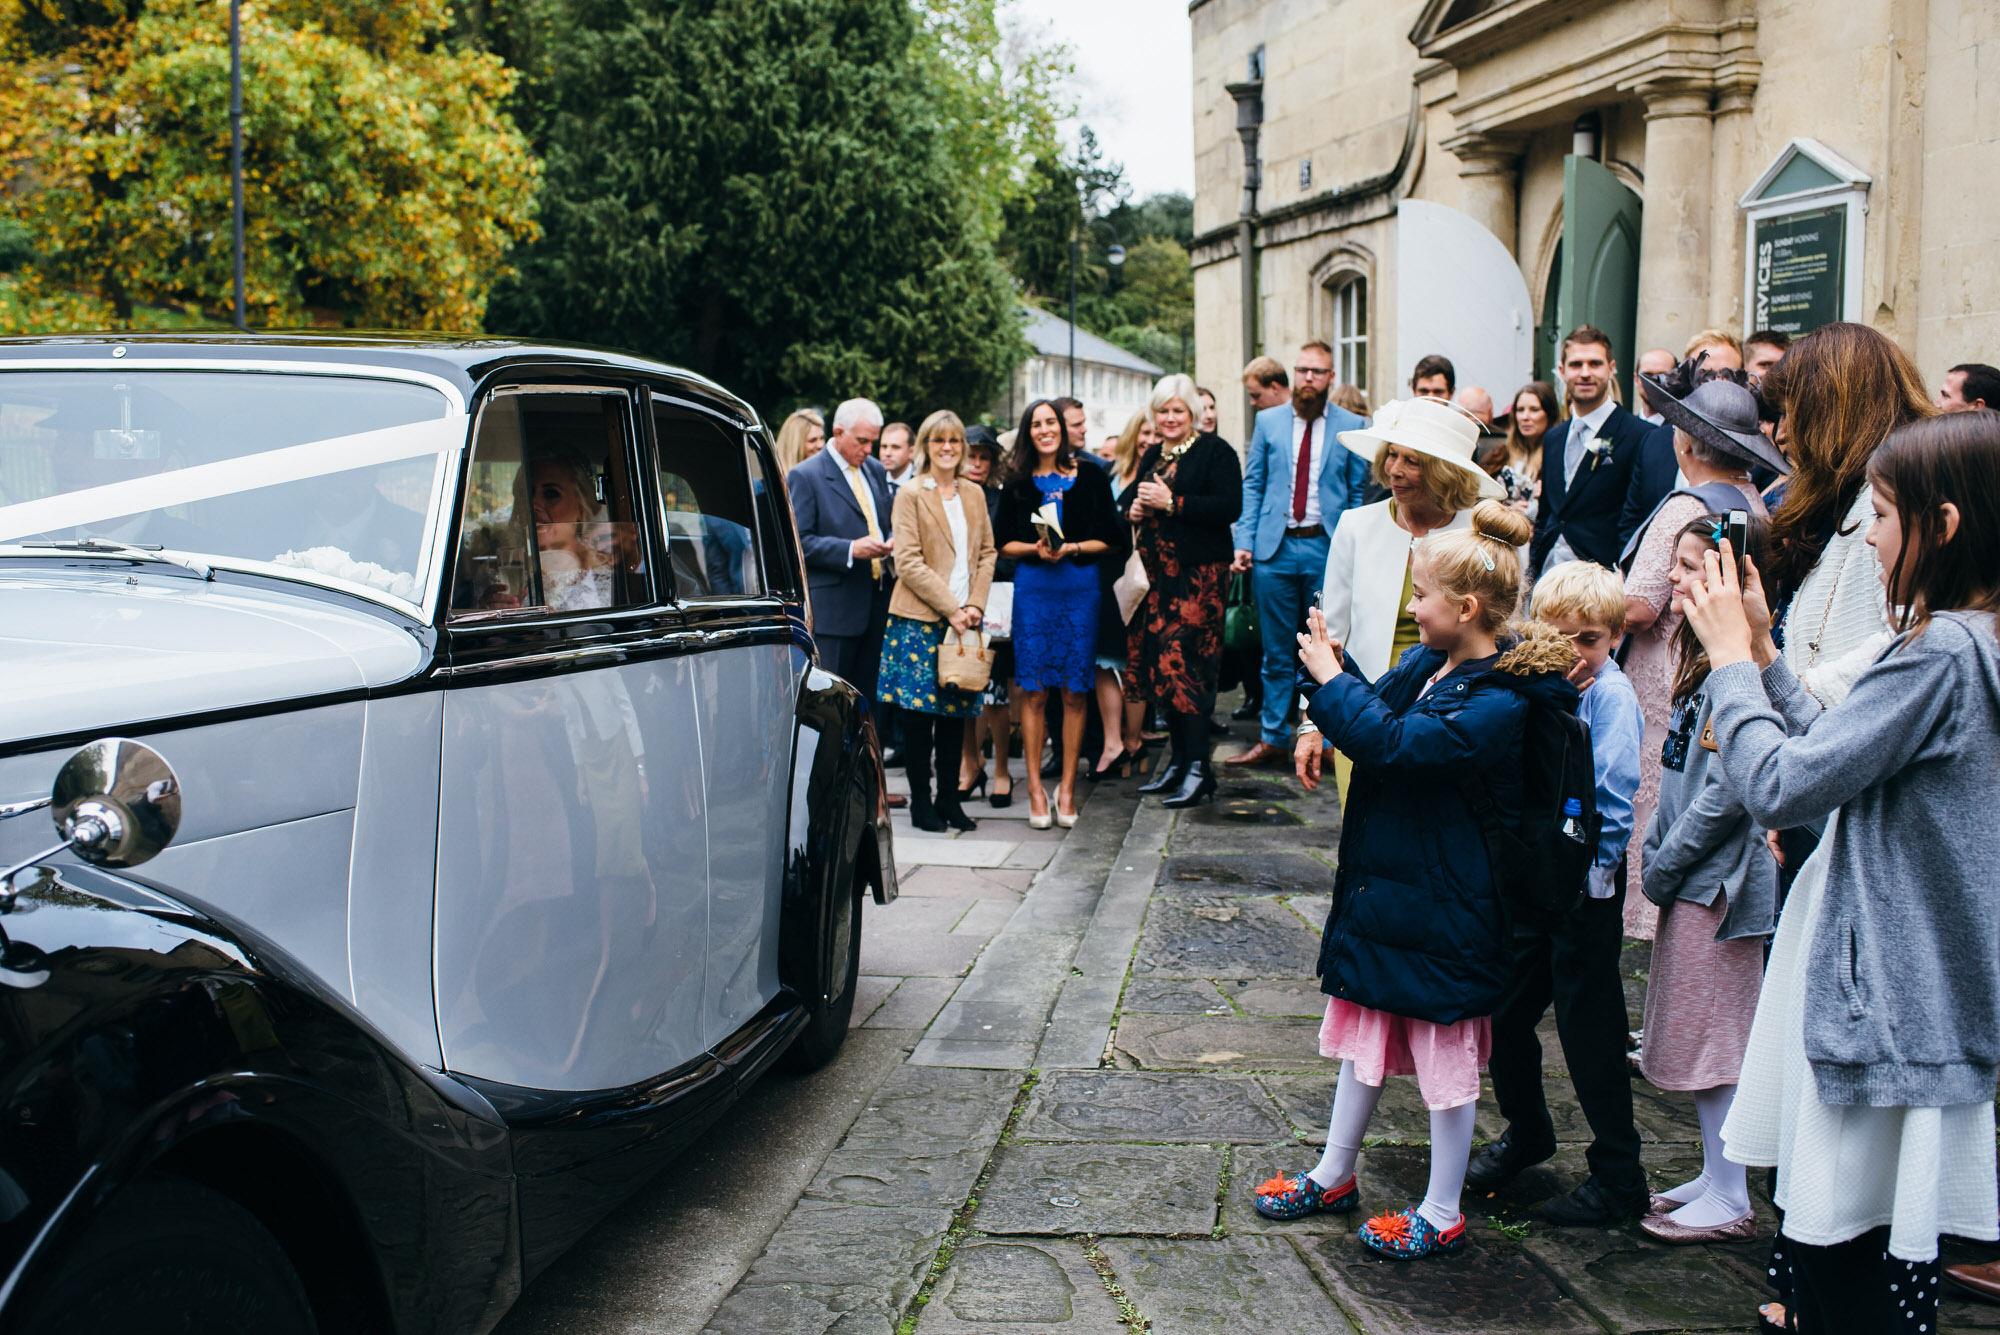 Newlyweds depart in car